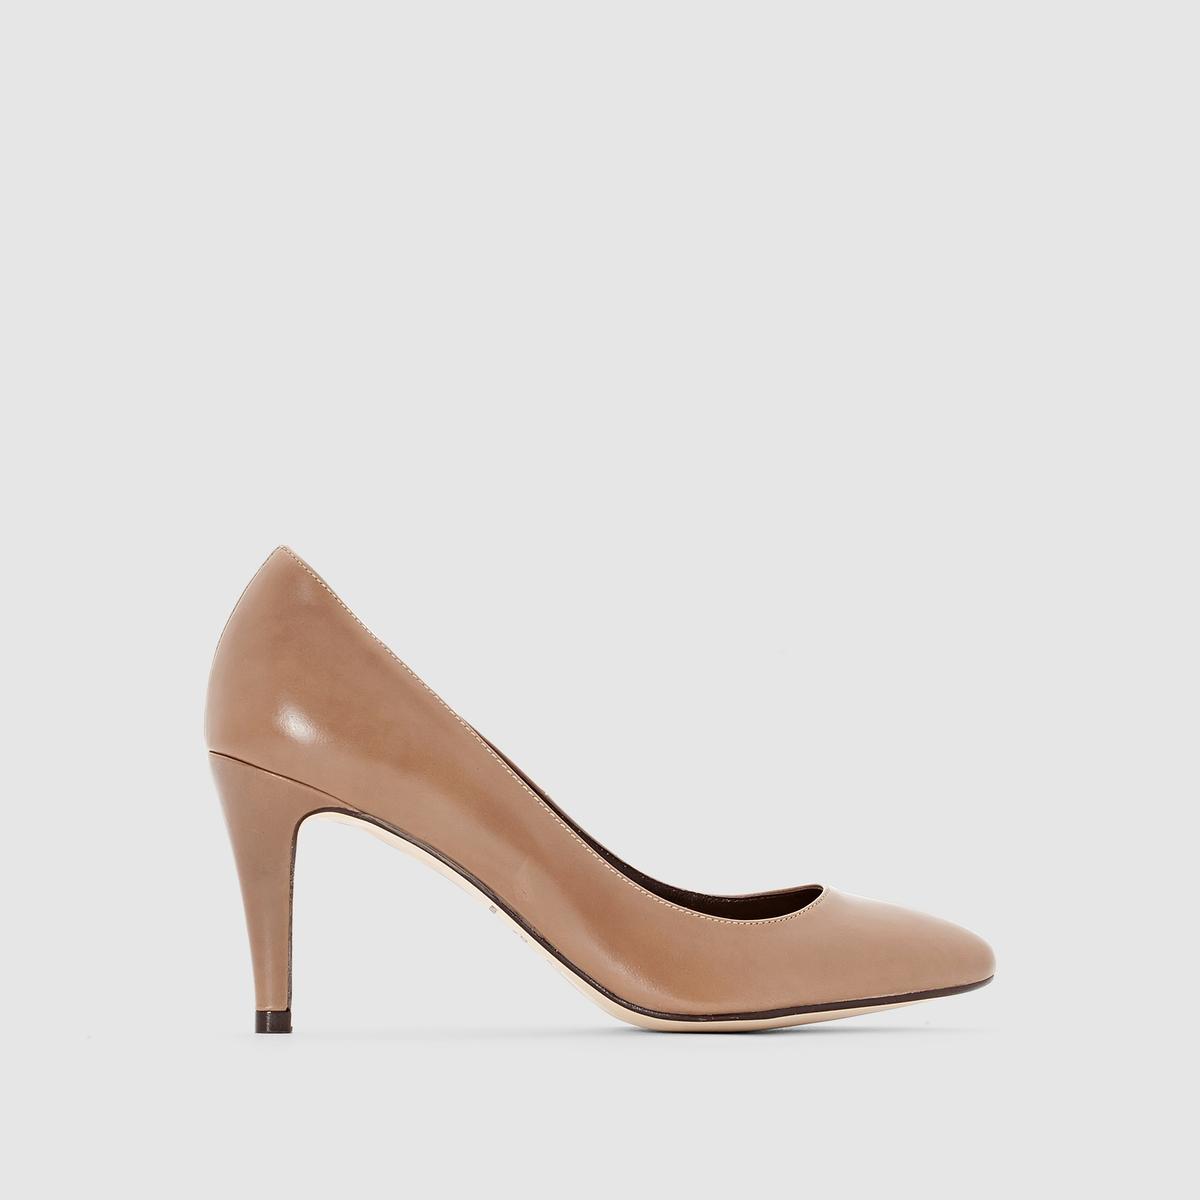 Туфли на каблуке 11395Материал внешний/внутрений : Коровья кожа    Подкладка : Кожа   Подошва: эластомер   Высота каблука: 8 смФорма каблука : Тонкий каблук   Носок : Острый мысок   Застежка: без застежки<br><br>Цвет: серо-коричневый